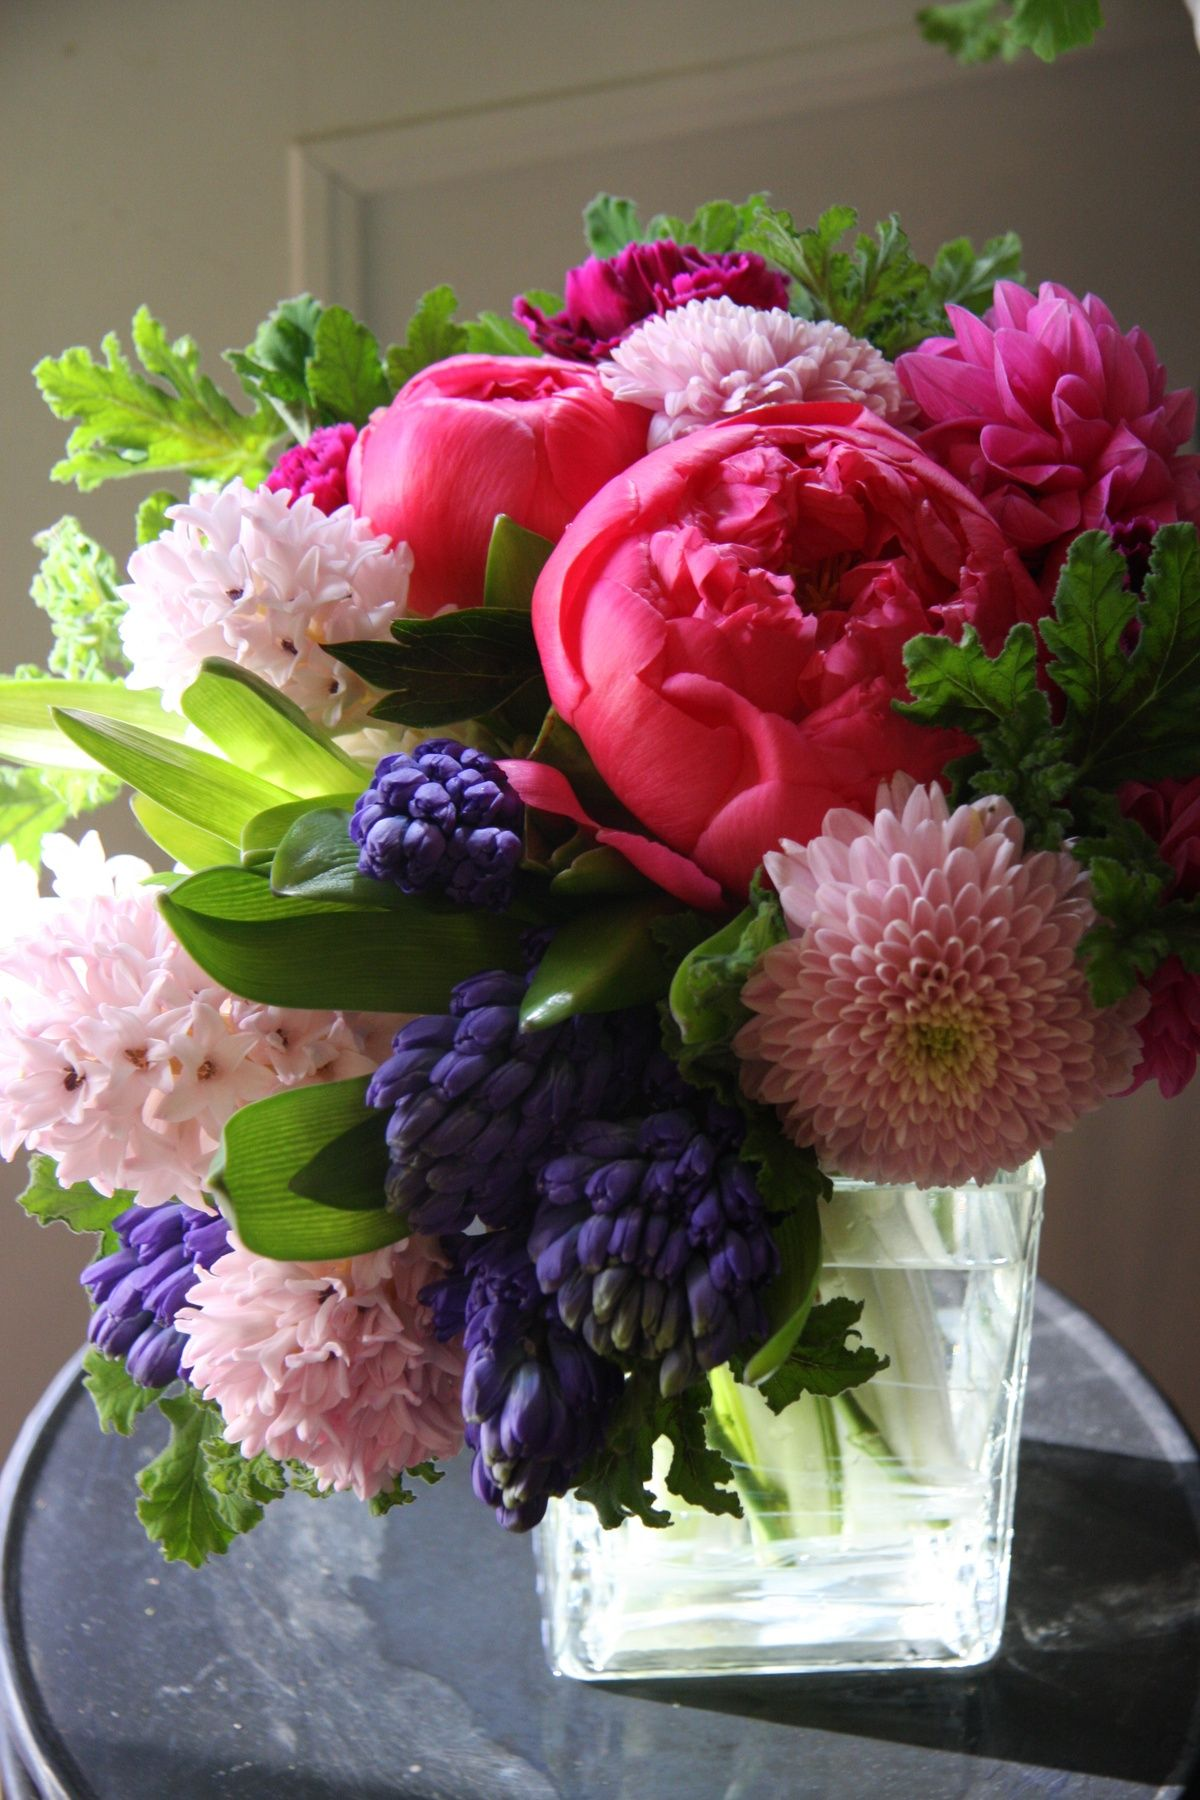 Pin by Elizabeth on Flower arrangements | Pinterest | Flowers ...